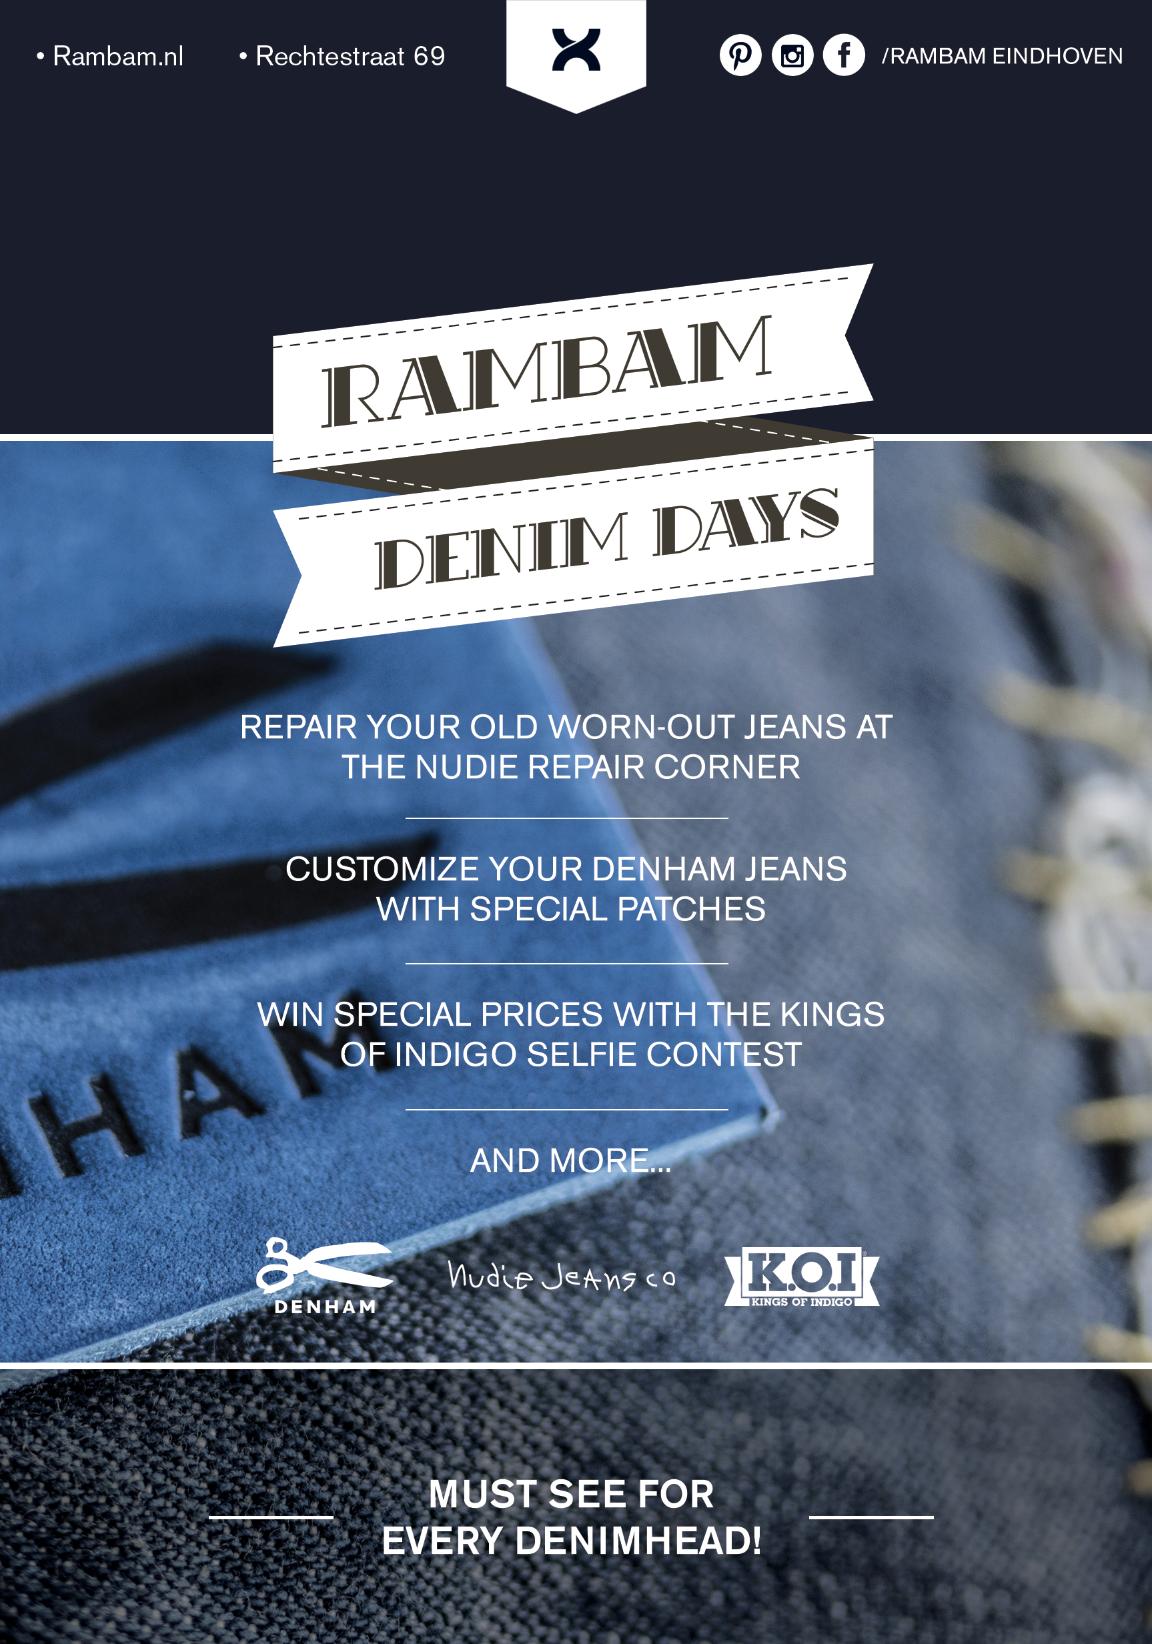 rambam store winkel eindhoven long john blog denim days 2016 september blue denham kings of indigo nudie jeans (1)